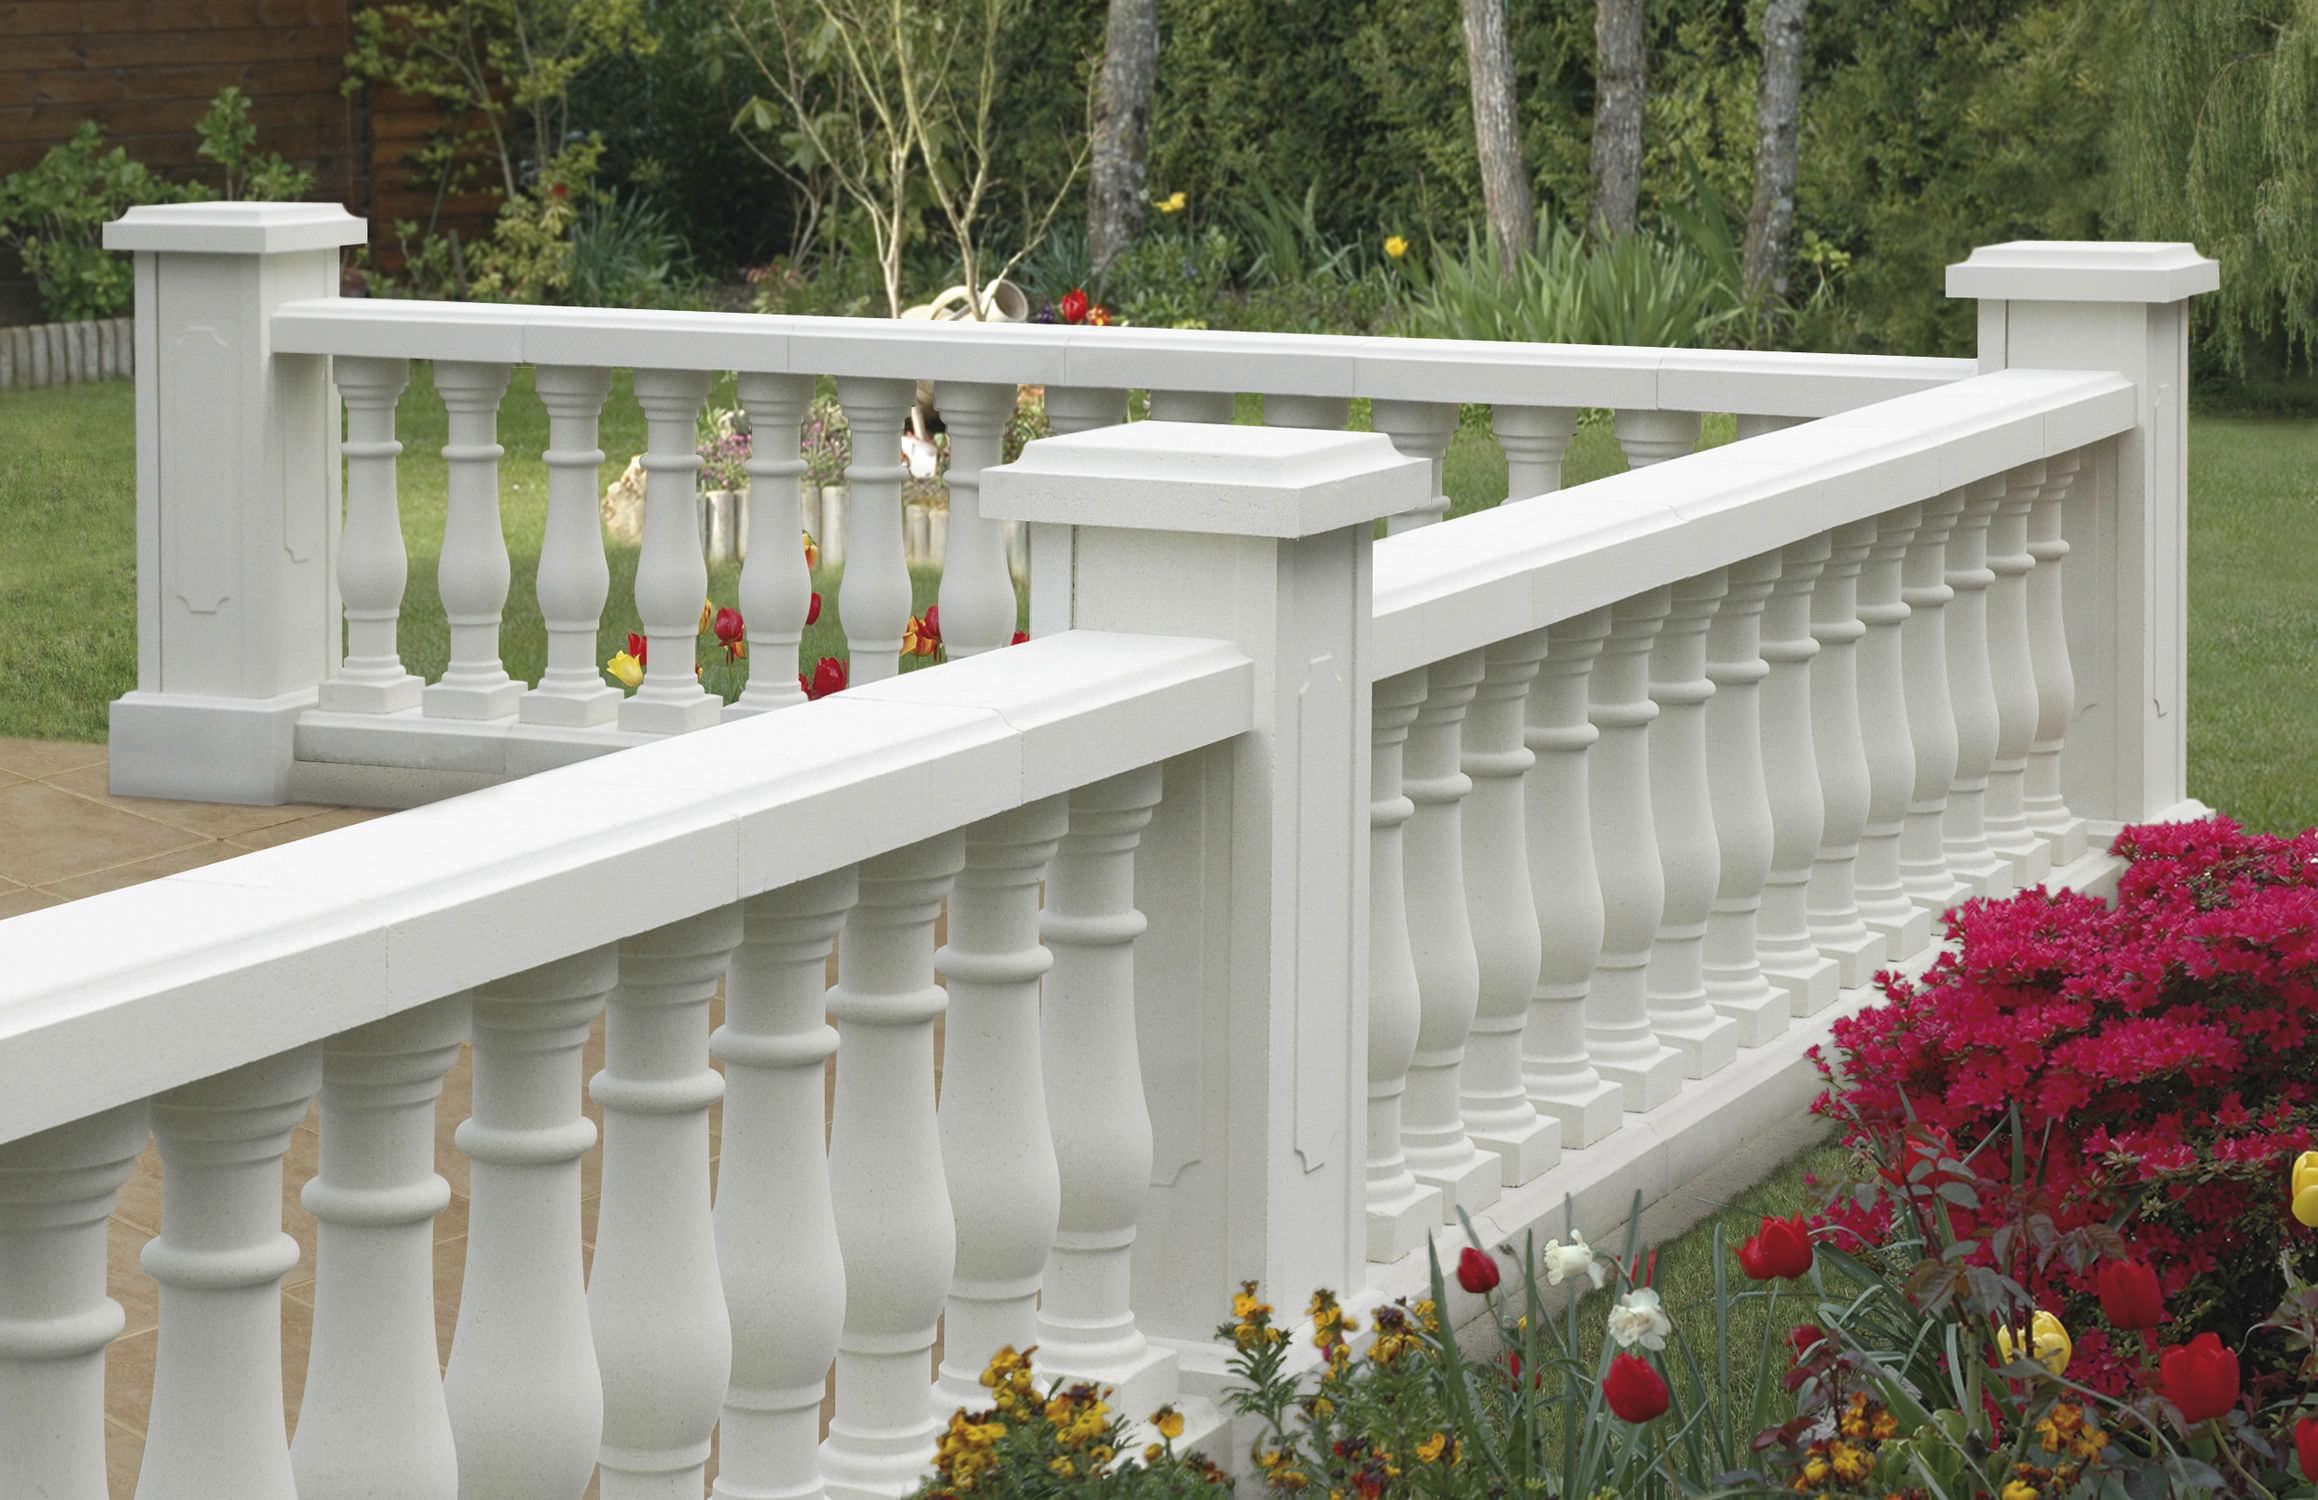 El m rmol decorativo y mobiliario urbano todo sobre m rmol for Como se limpia el marmol manchado